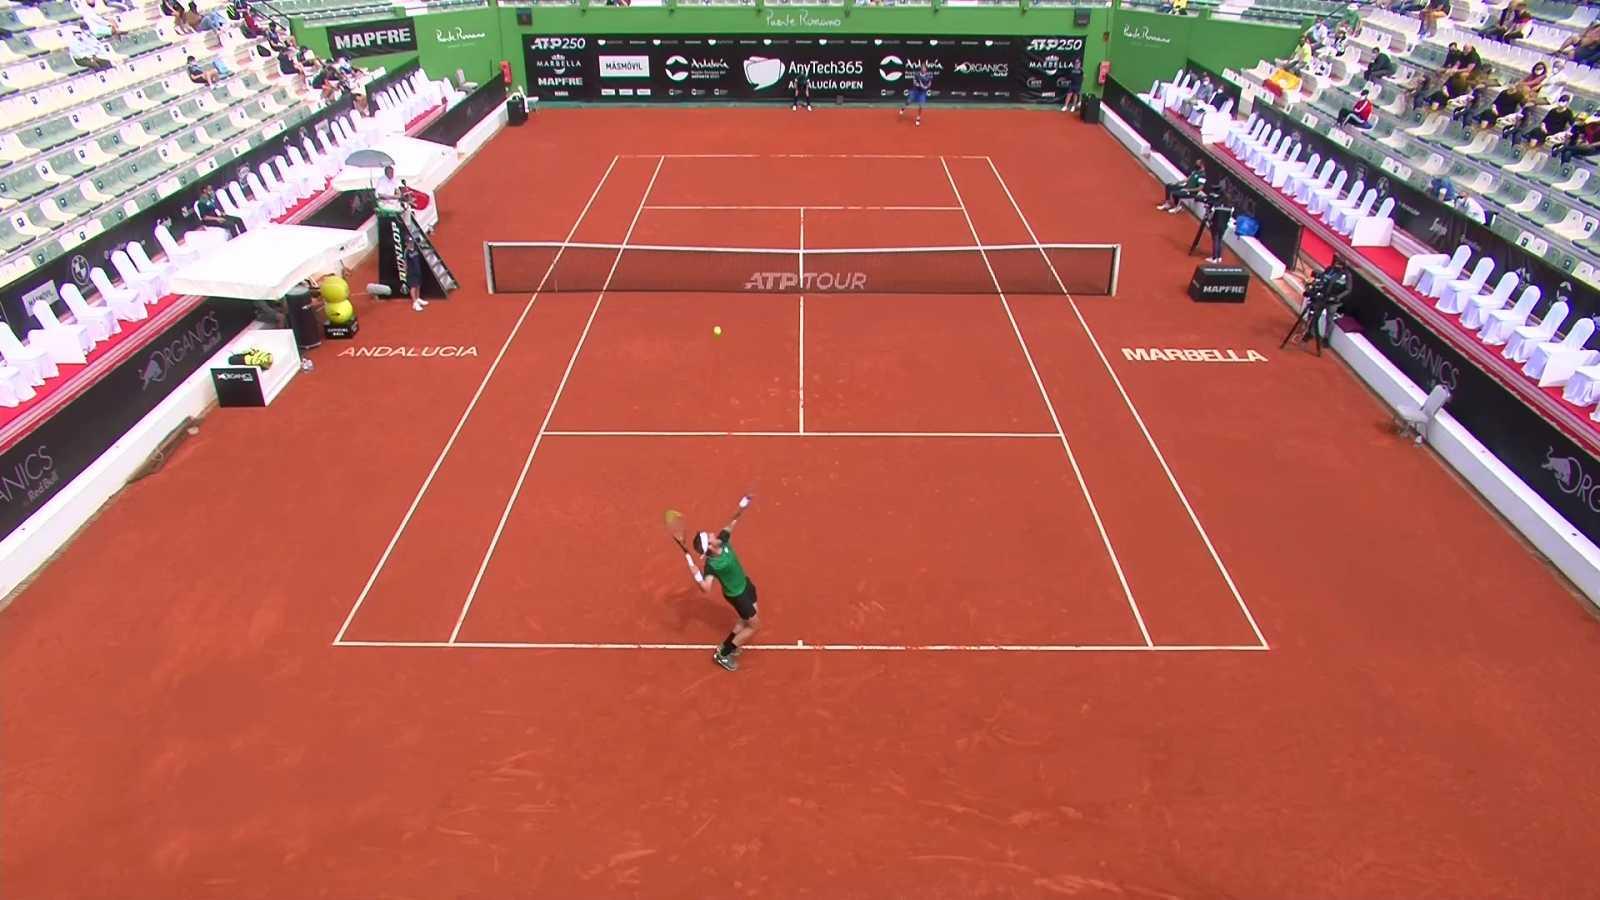 Tenis - ATP 250 Torneo Marbella: Gombos - Delbonis - ver ahora